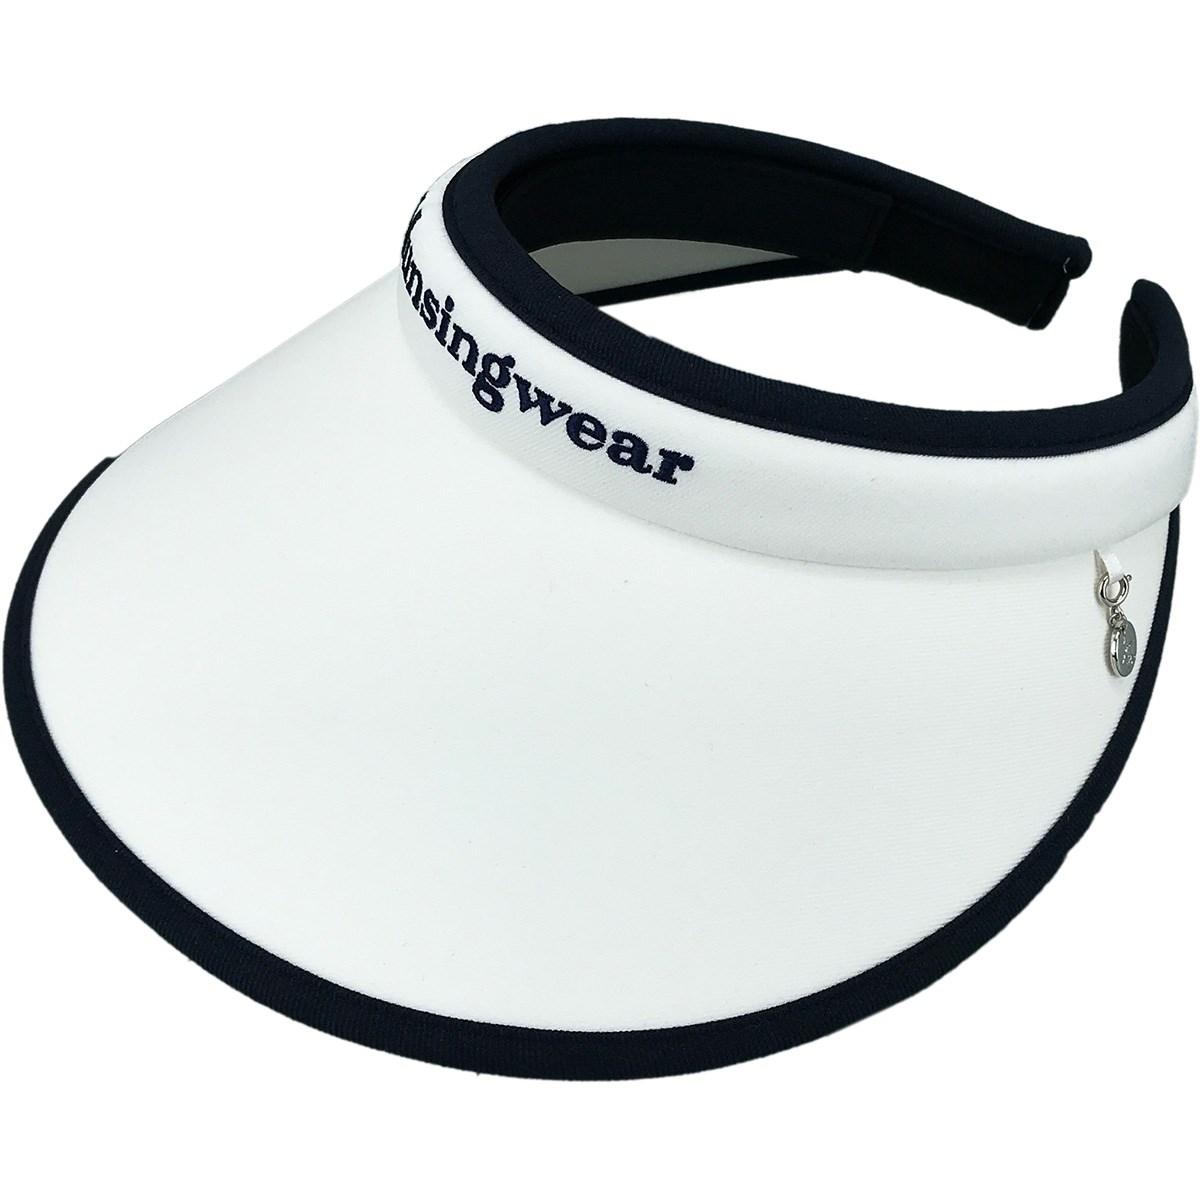 マンシングウェア Munsingwear クリップサンバイザー フリー ホワイト 00 レディス